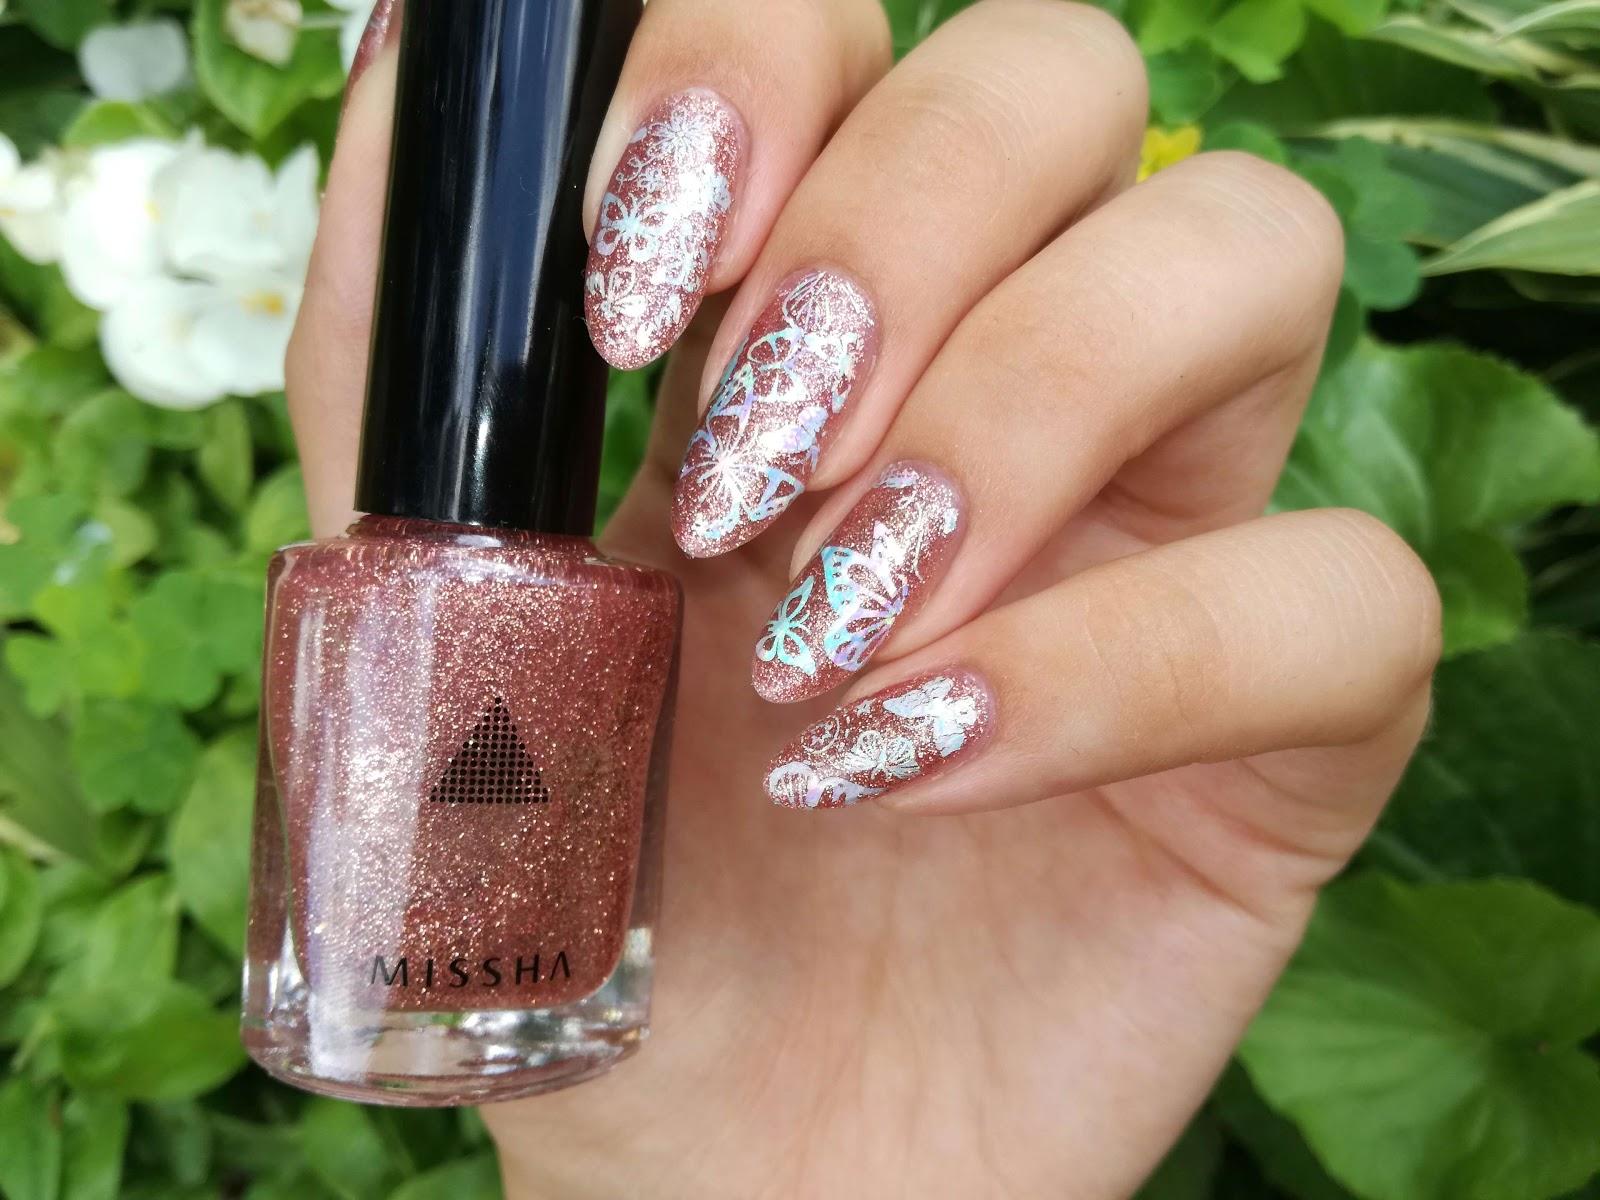 paznokcie malowane lakierem missha